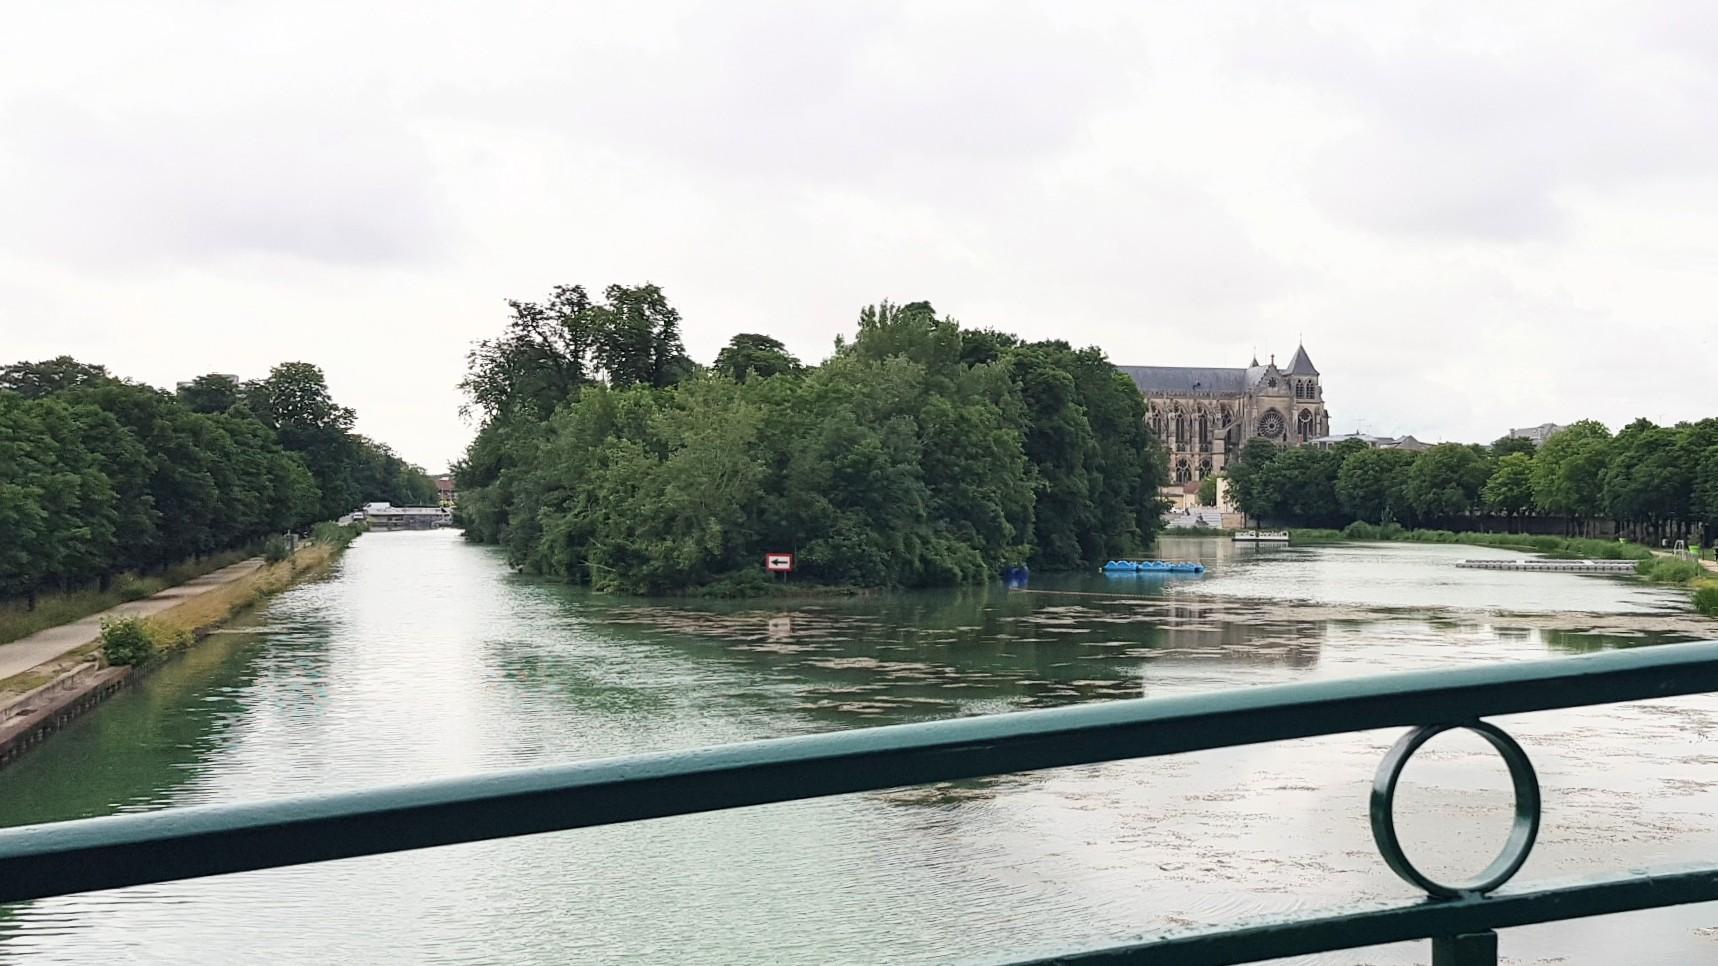 Bei der Ankunft in Châlons übers Wasser dominiert die Kathedrale alles